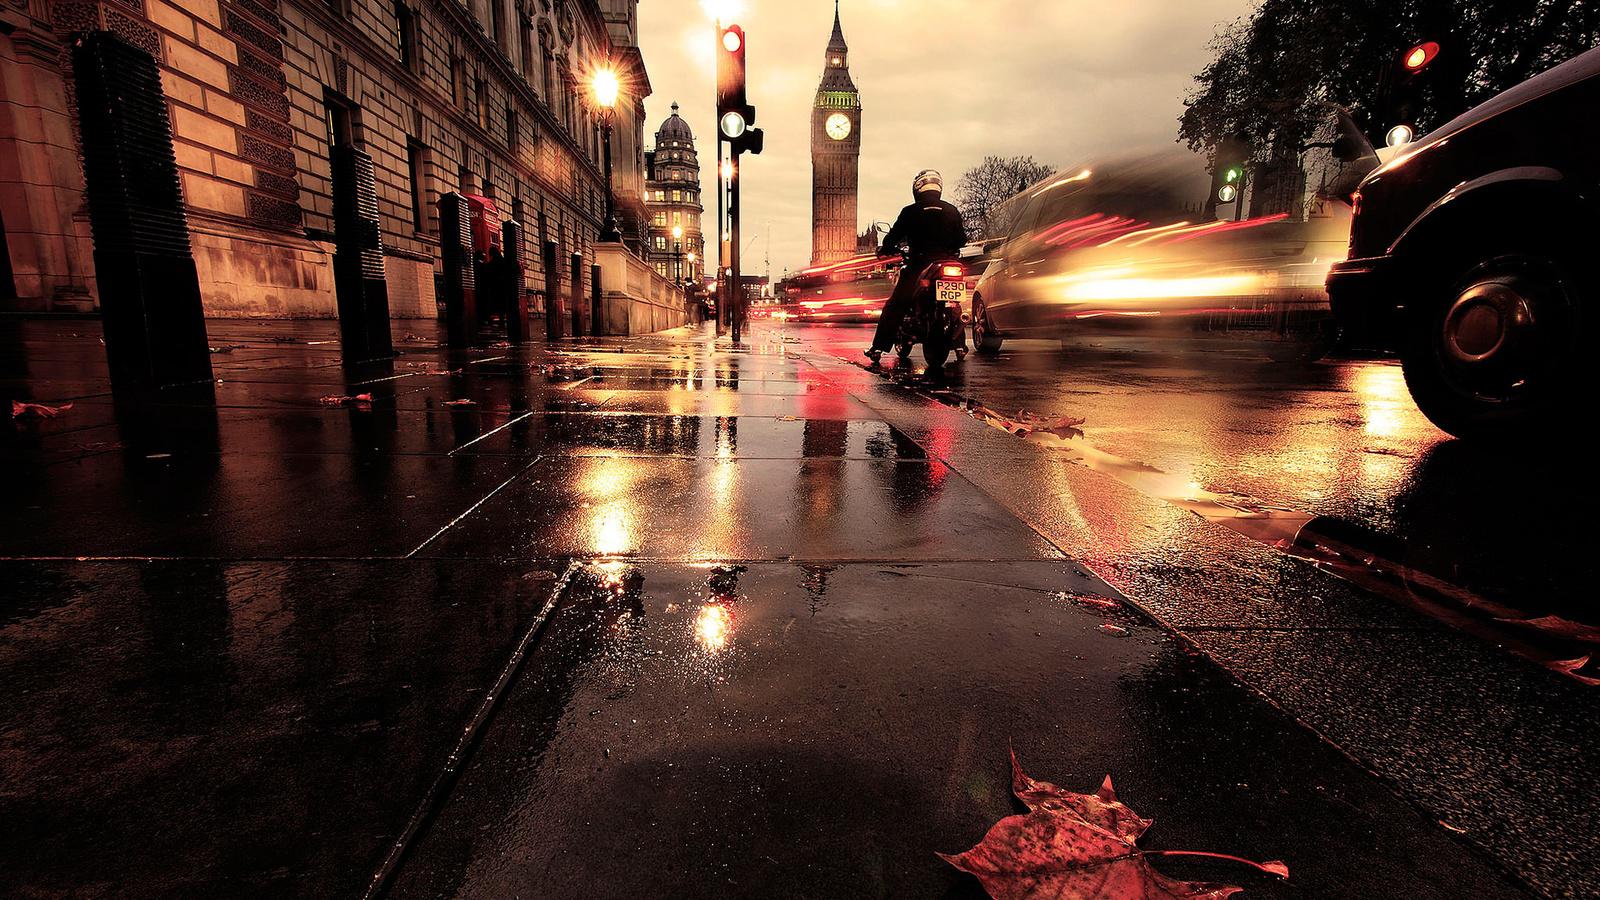 авто, лист, улица, лондон, выдержка, мотоцикл, биг-бен